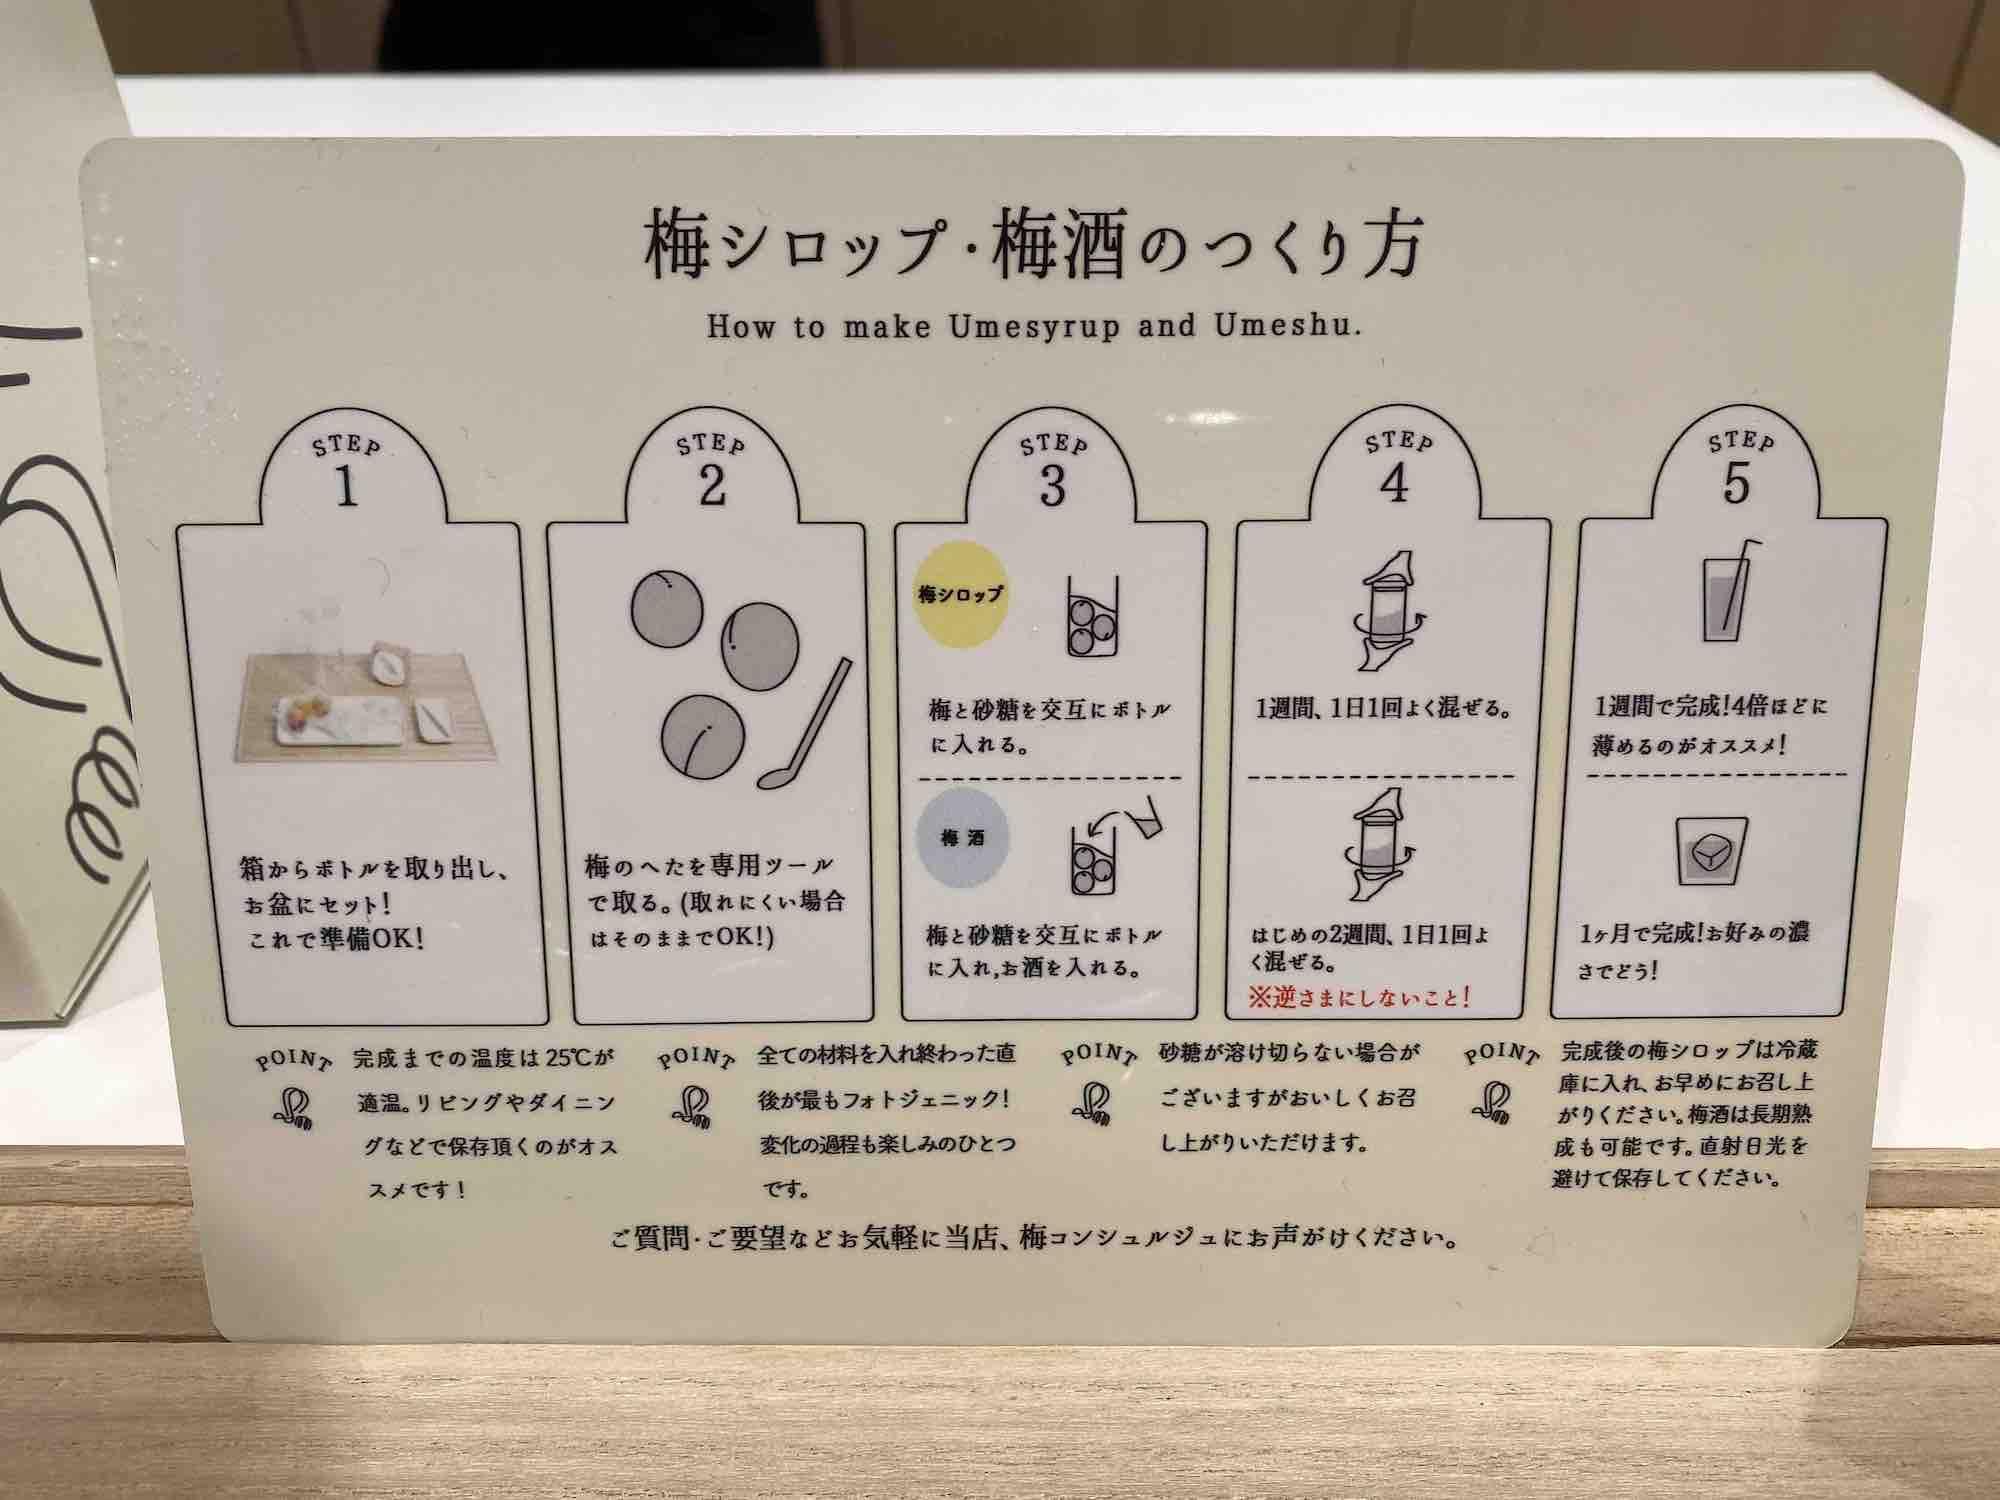 京都にある梅酒体験施設「蝶矢」の体験メニュー